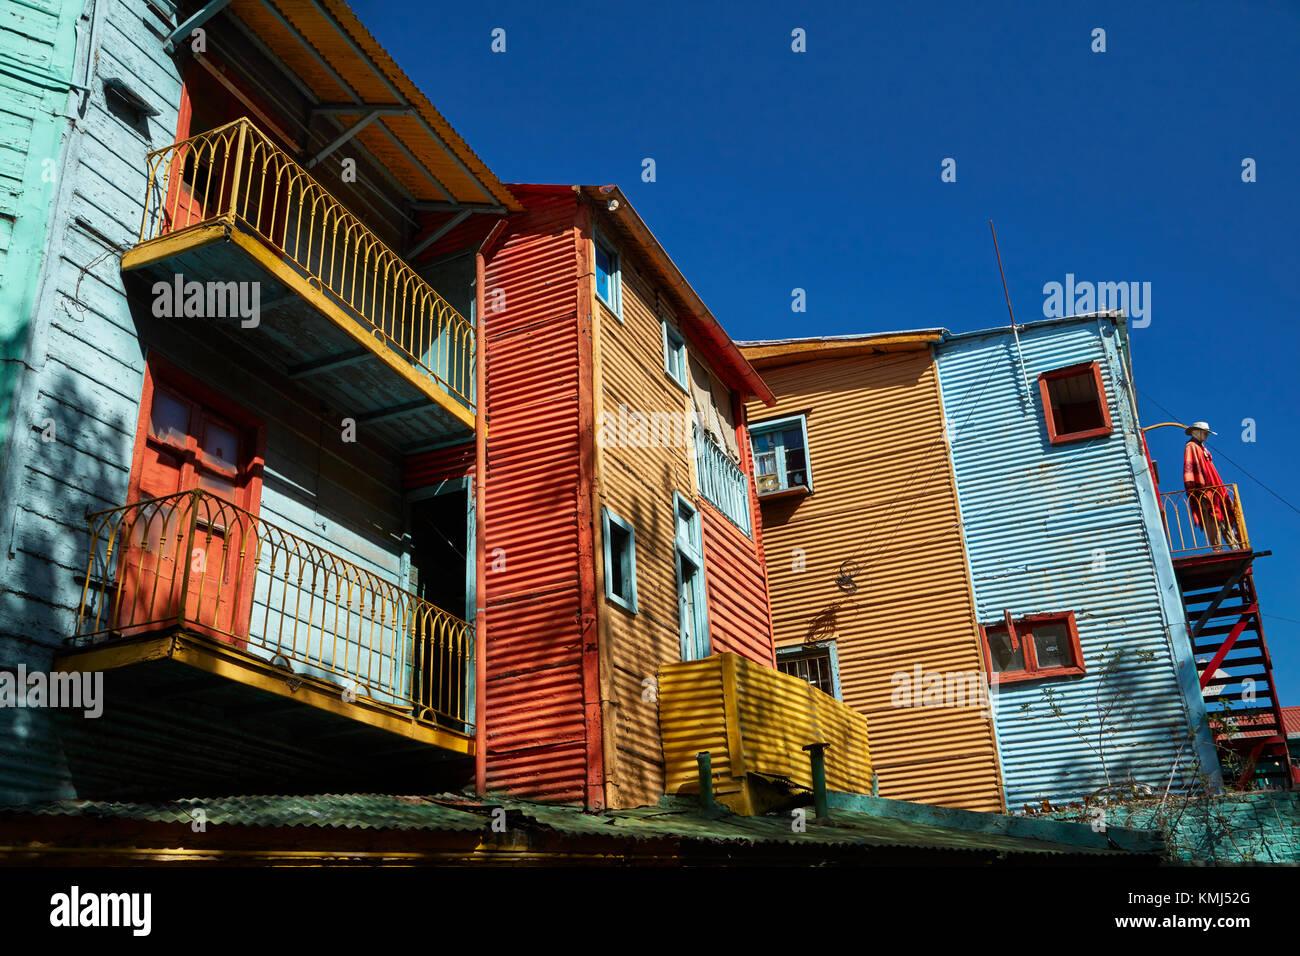 Los edificios en el caminito, la boca, buenos aires, argentina, SUDAMÉRICA Imagen De Stock